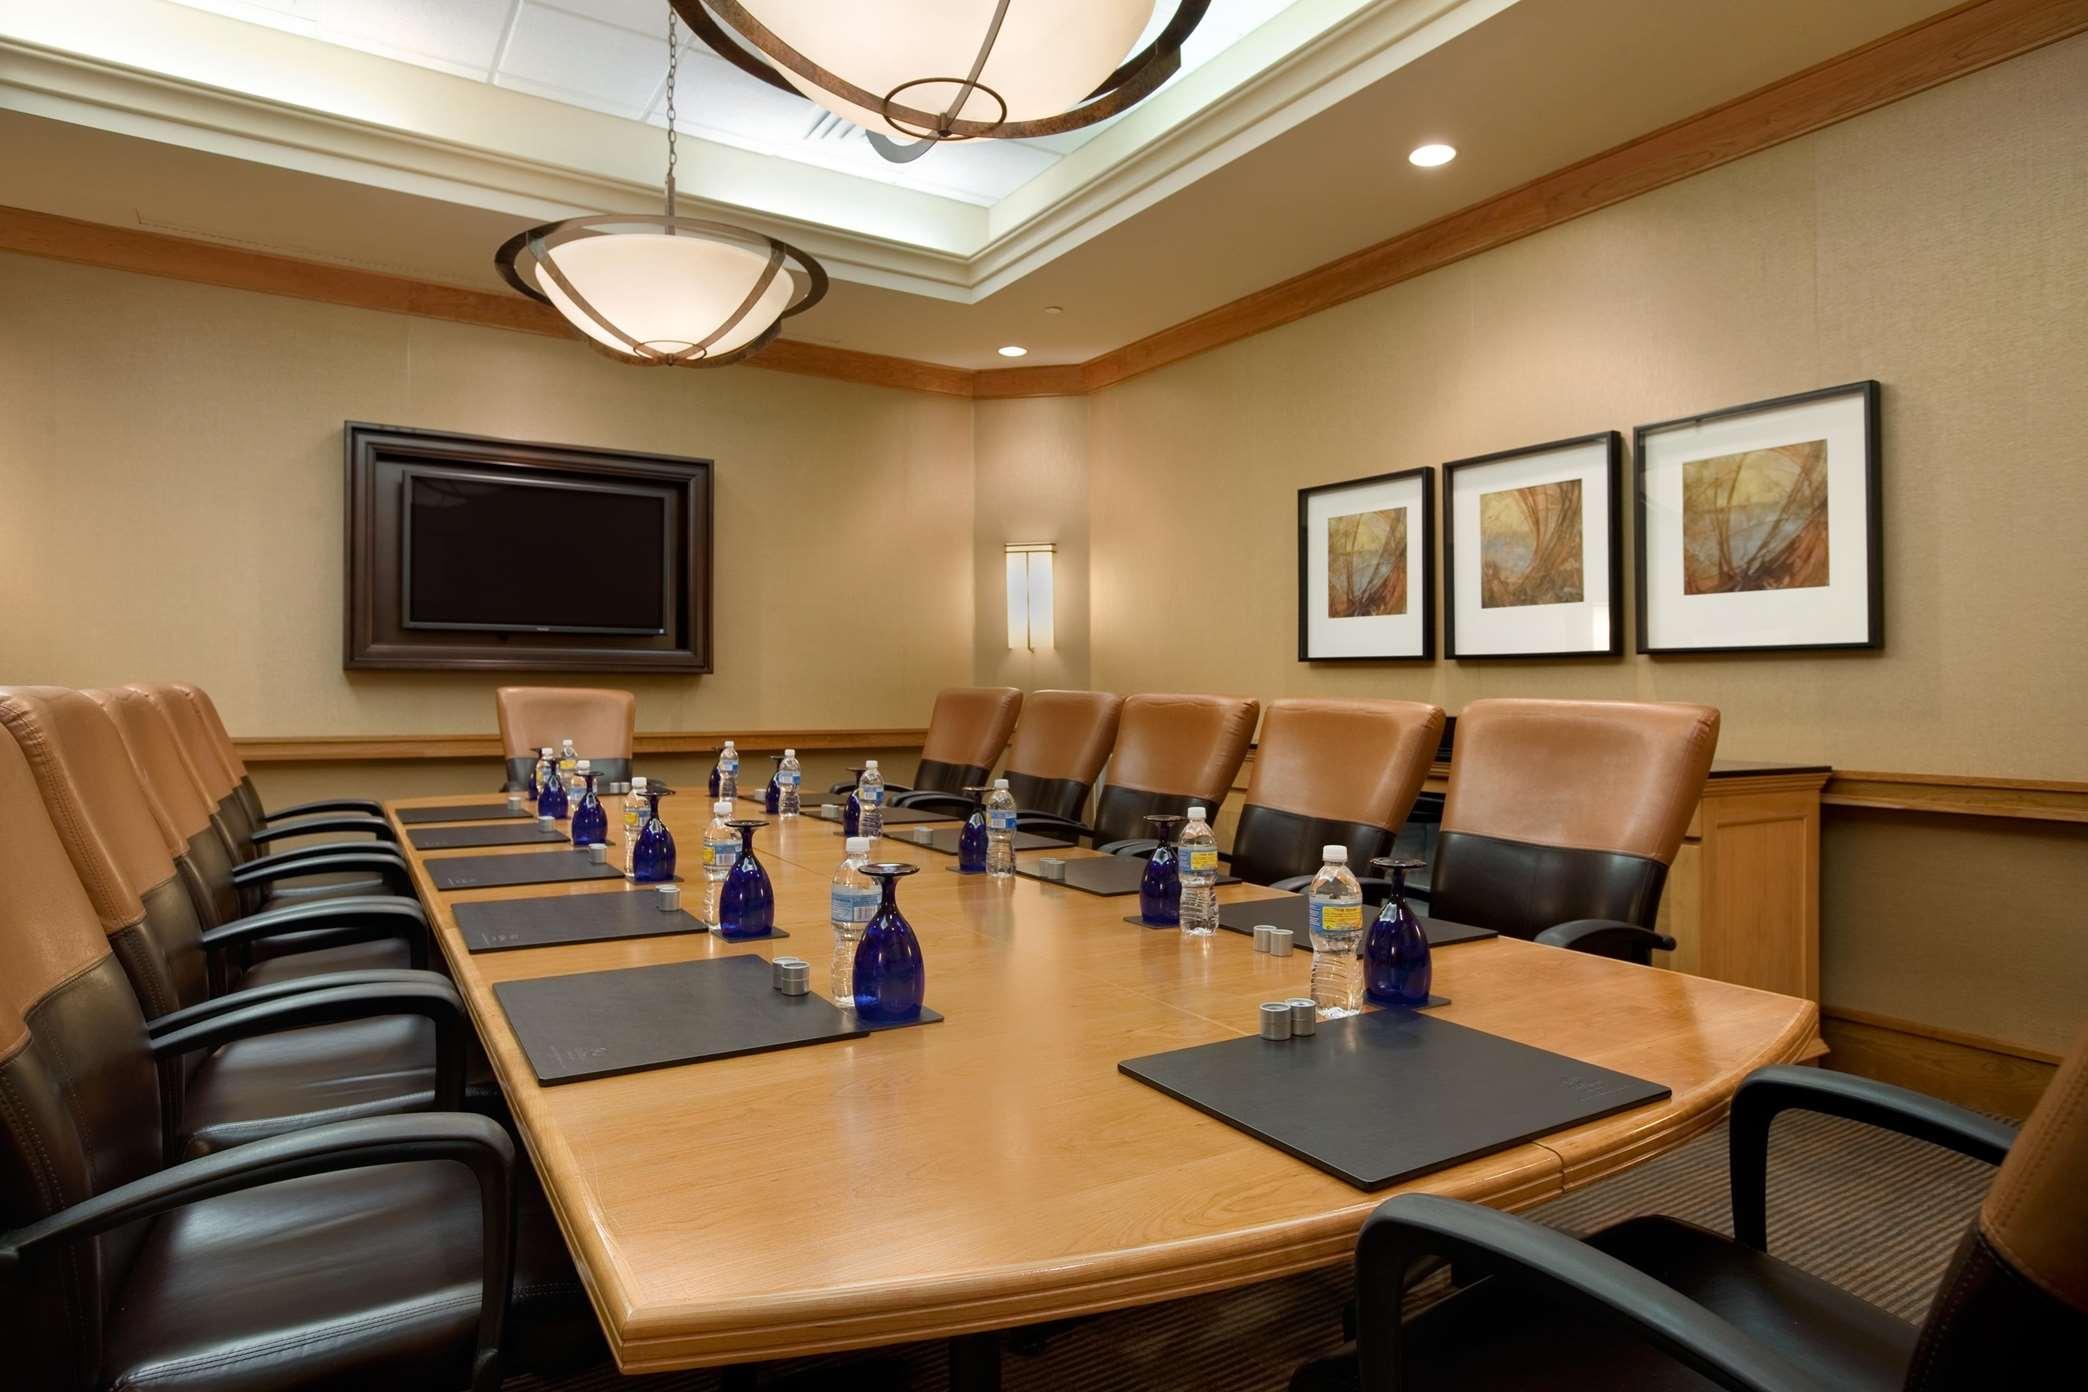 Hilton Chicago/Oak Brook Suites image 25